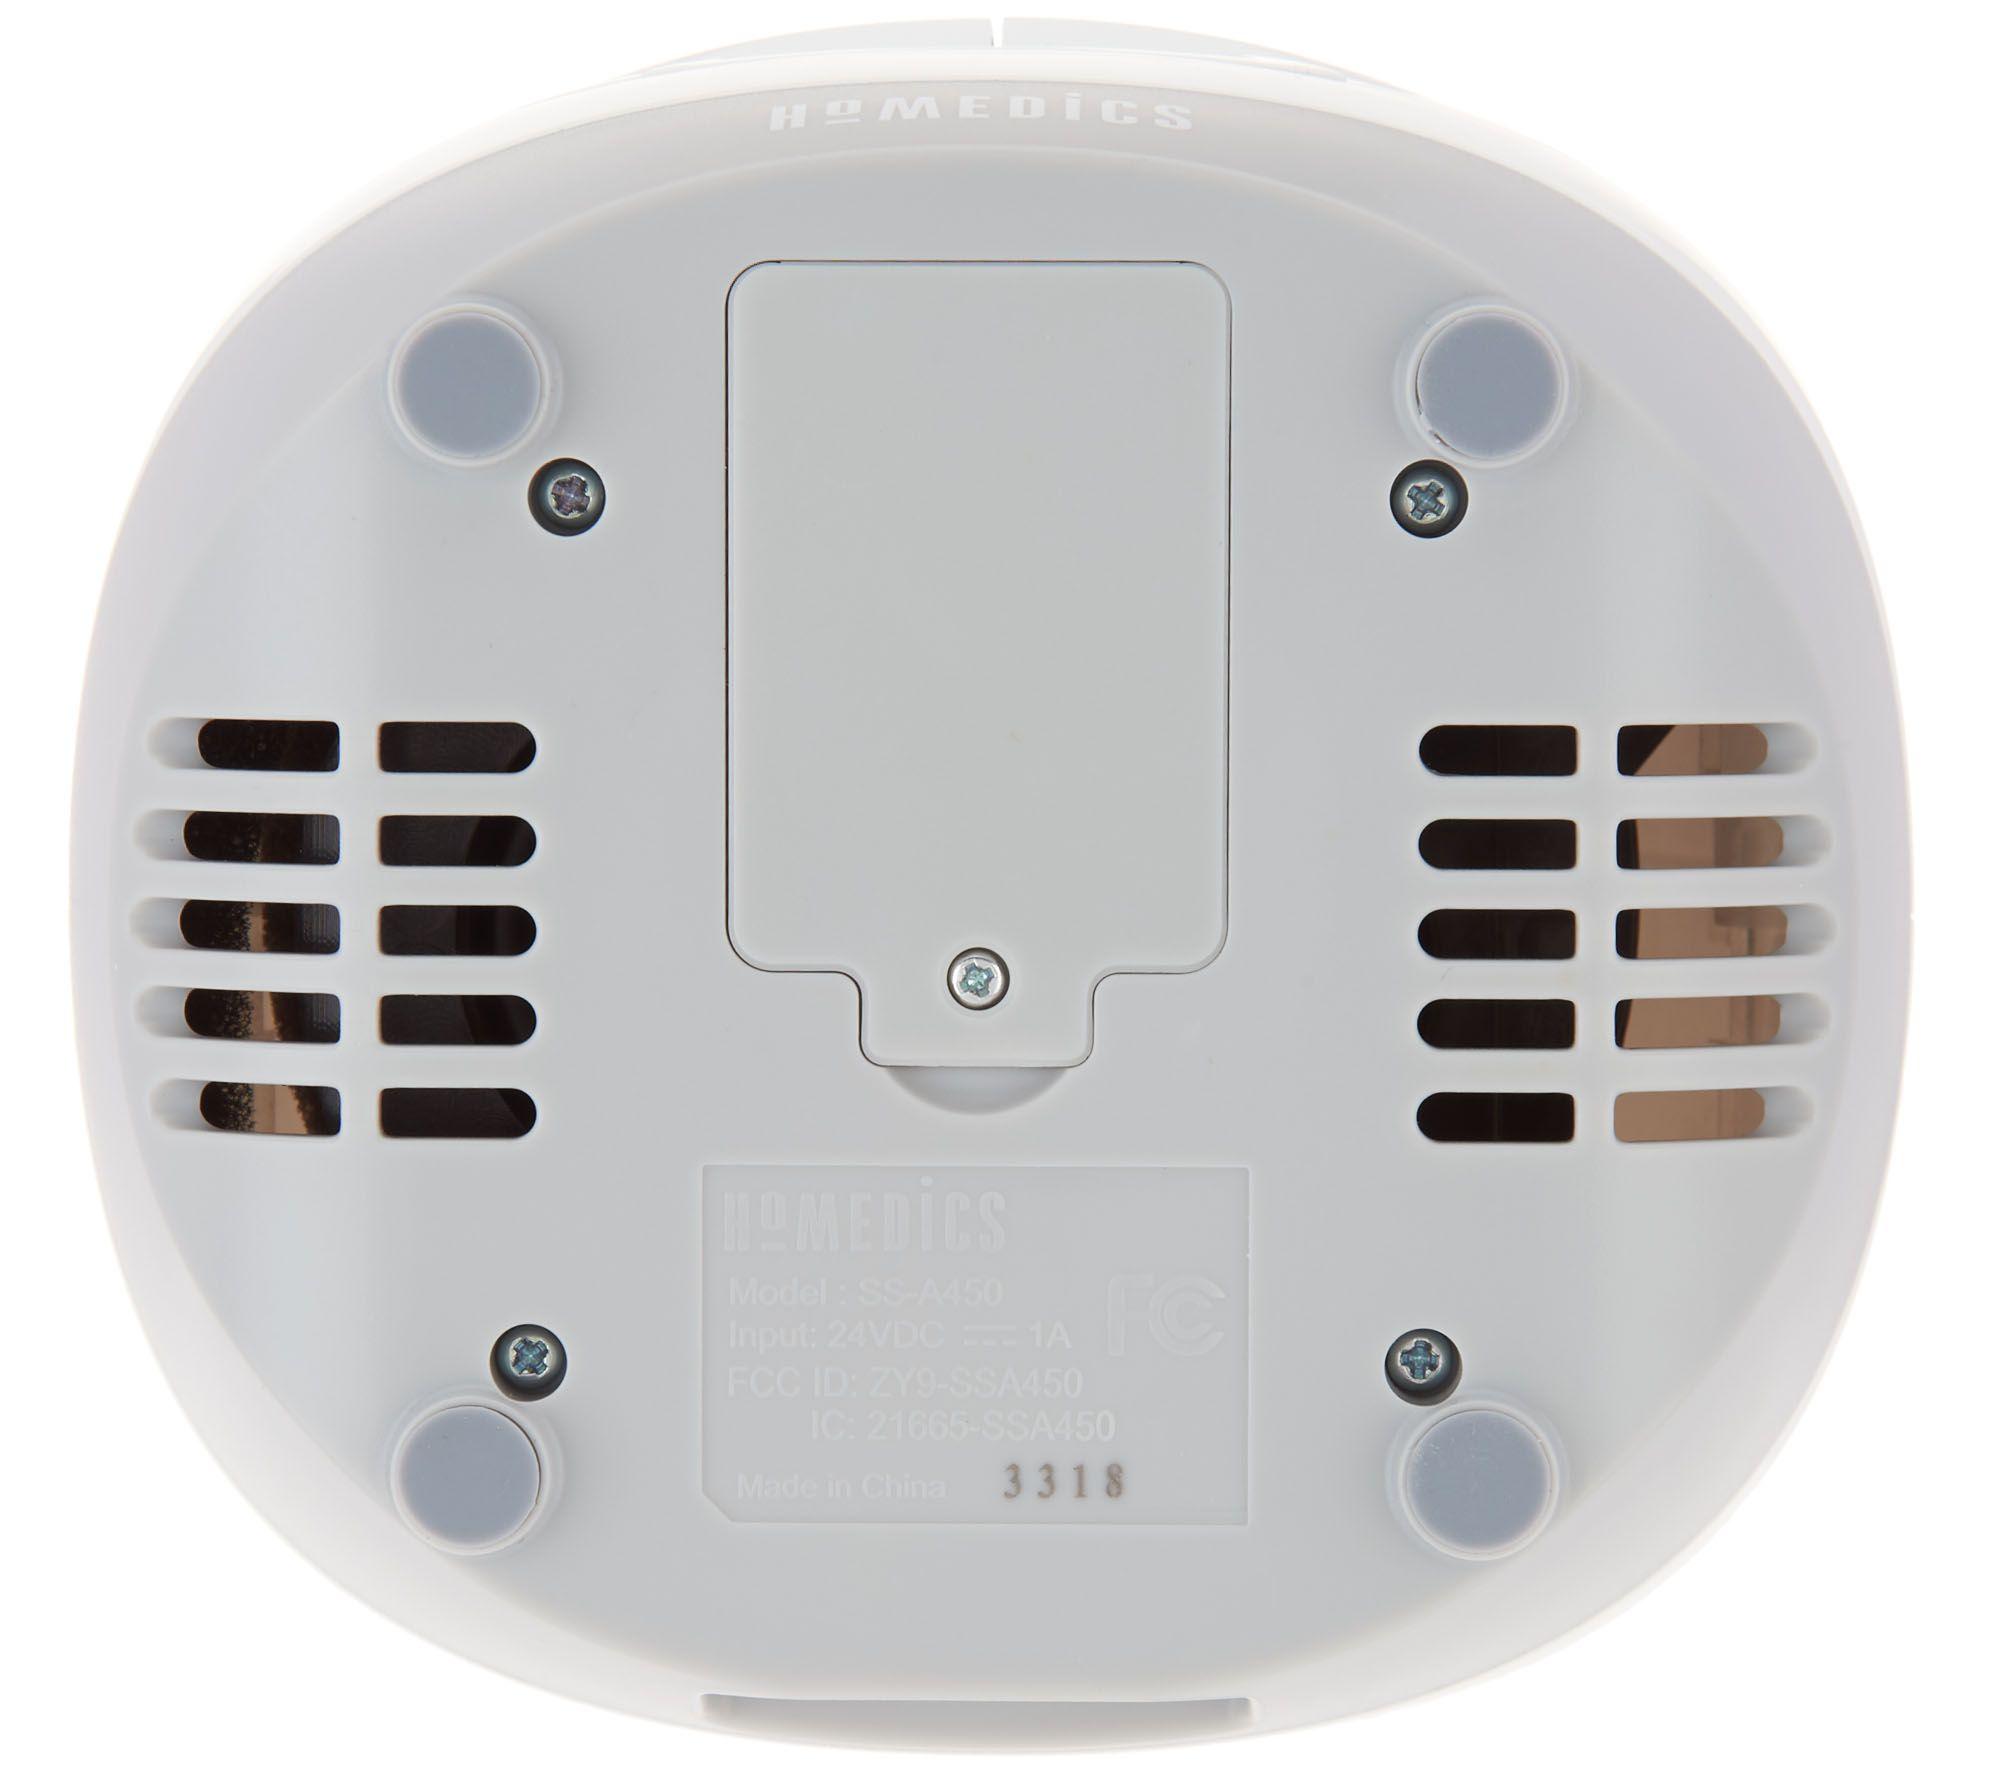 HoMedics SoundSpa Slumber Scents Aroma Alarm Clock — QVC com